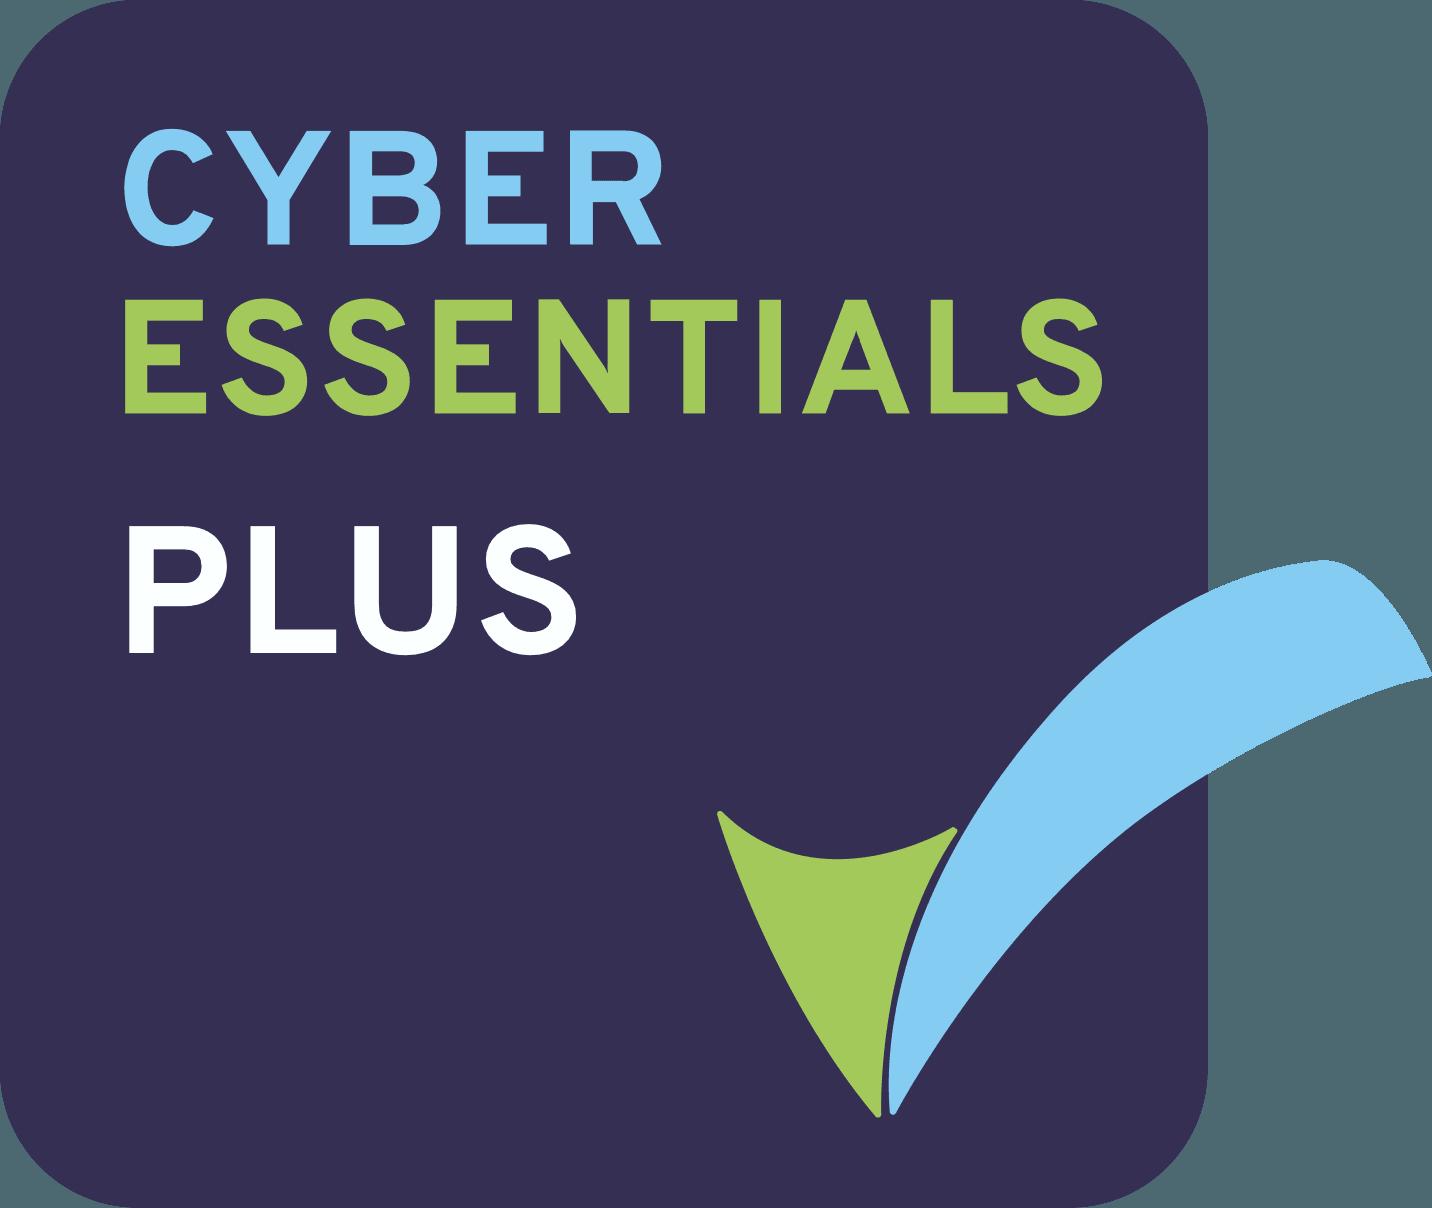 Cyber Essentials PLUS Badge Large